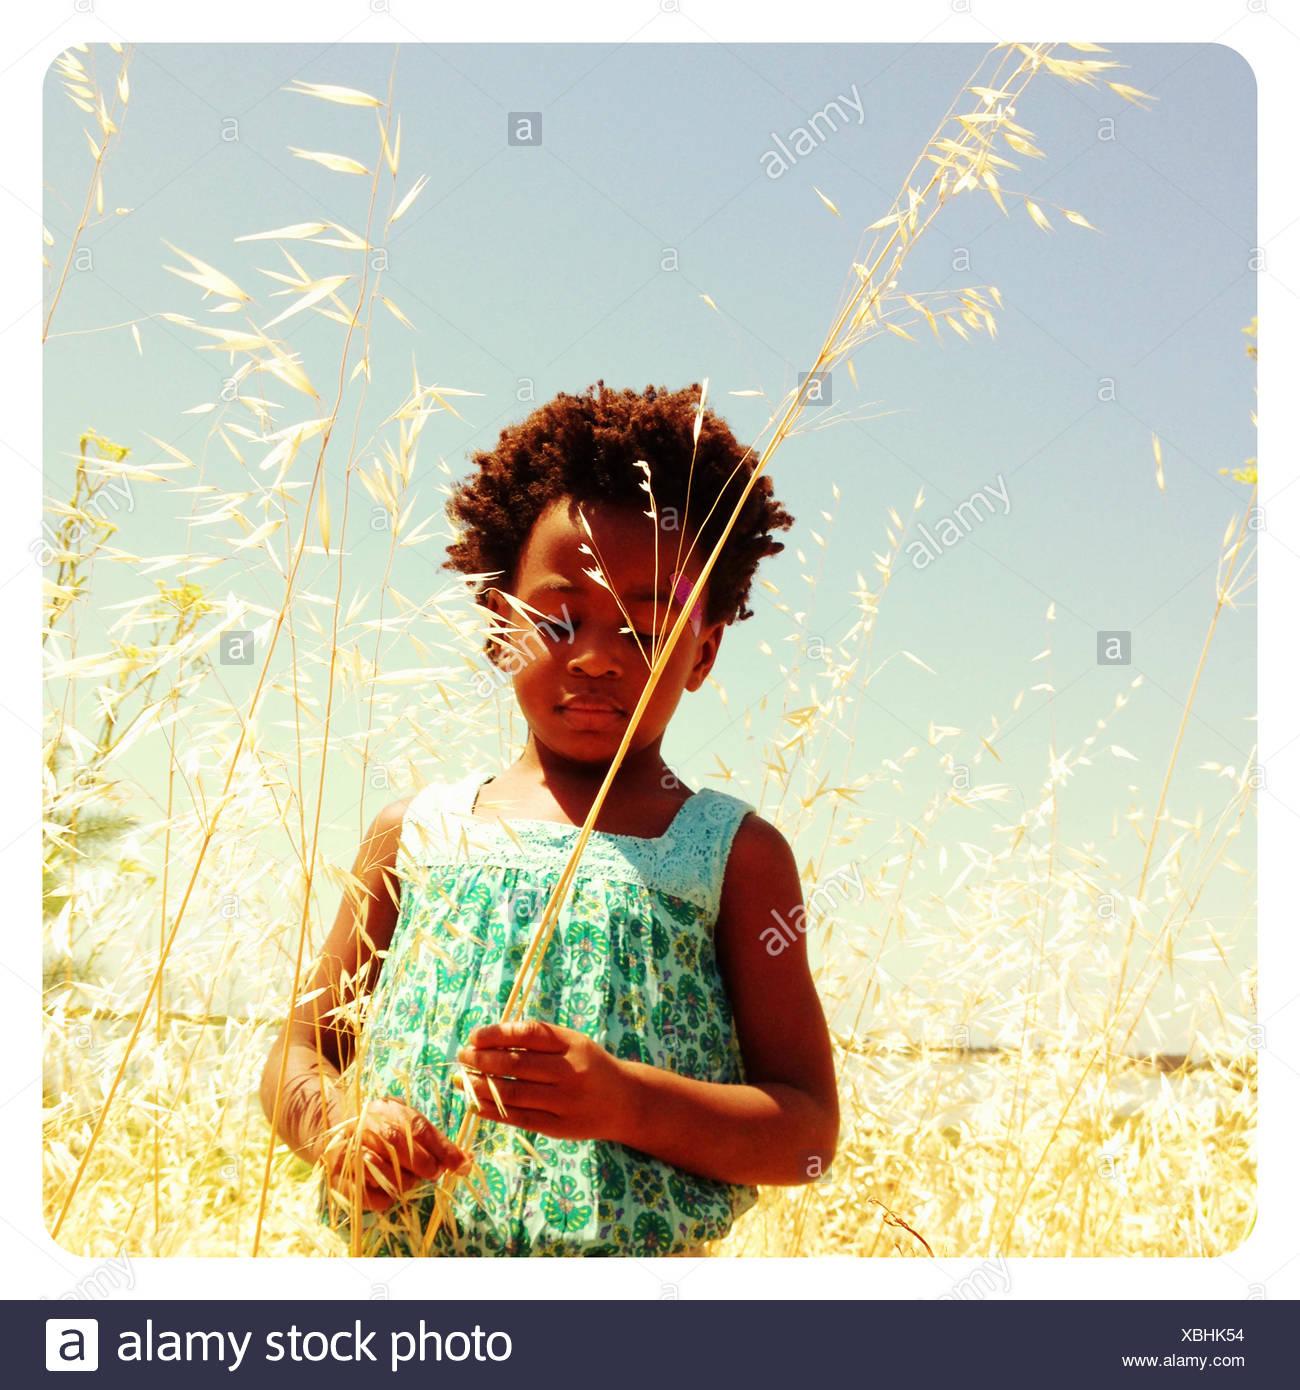 Stati Uniti, California, San Mateo County, Burlingame, ragazza in piedi in erba Immagini Stock